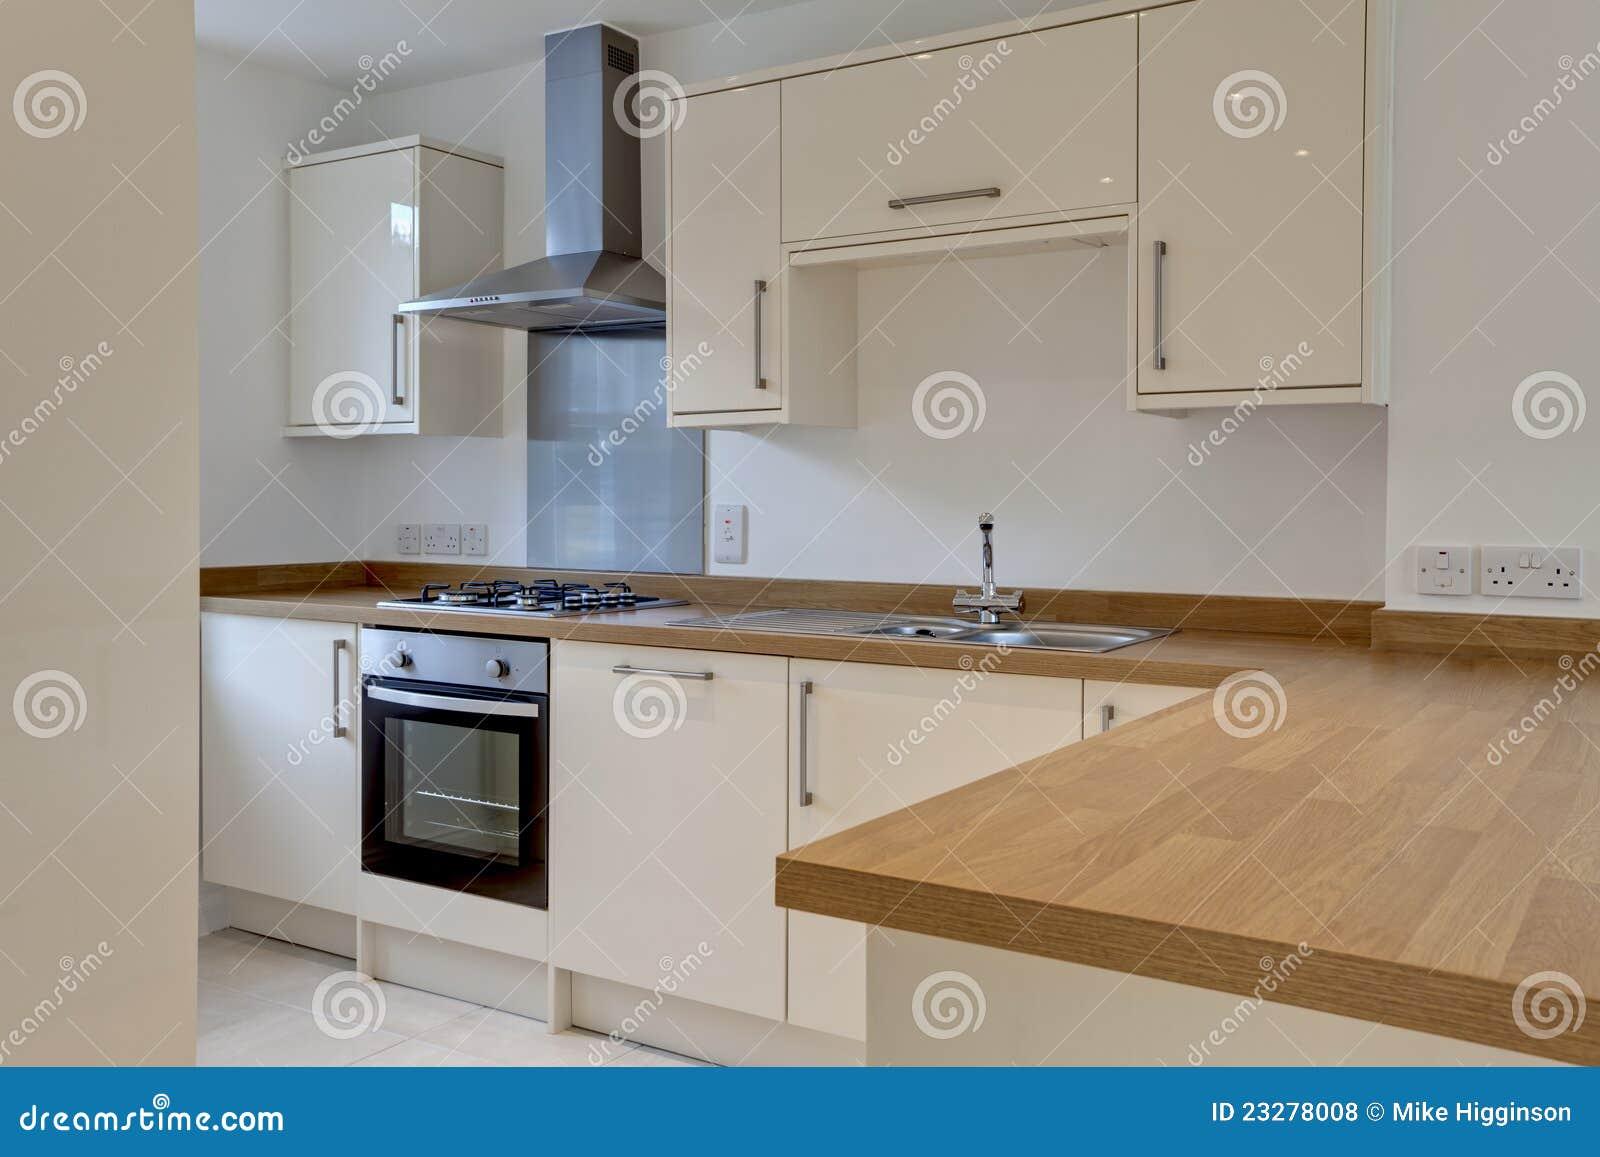 Moderne Befestigte Kuche Stockfoto Bild Von Wanne Haupt 23278008